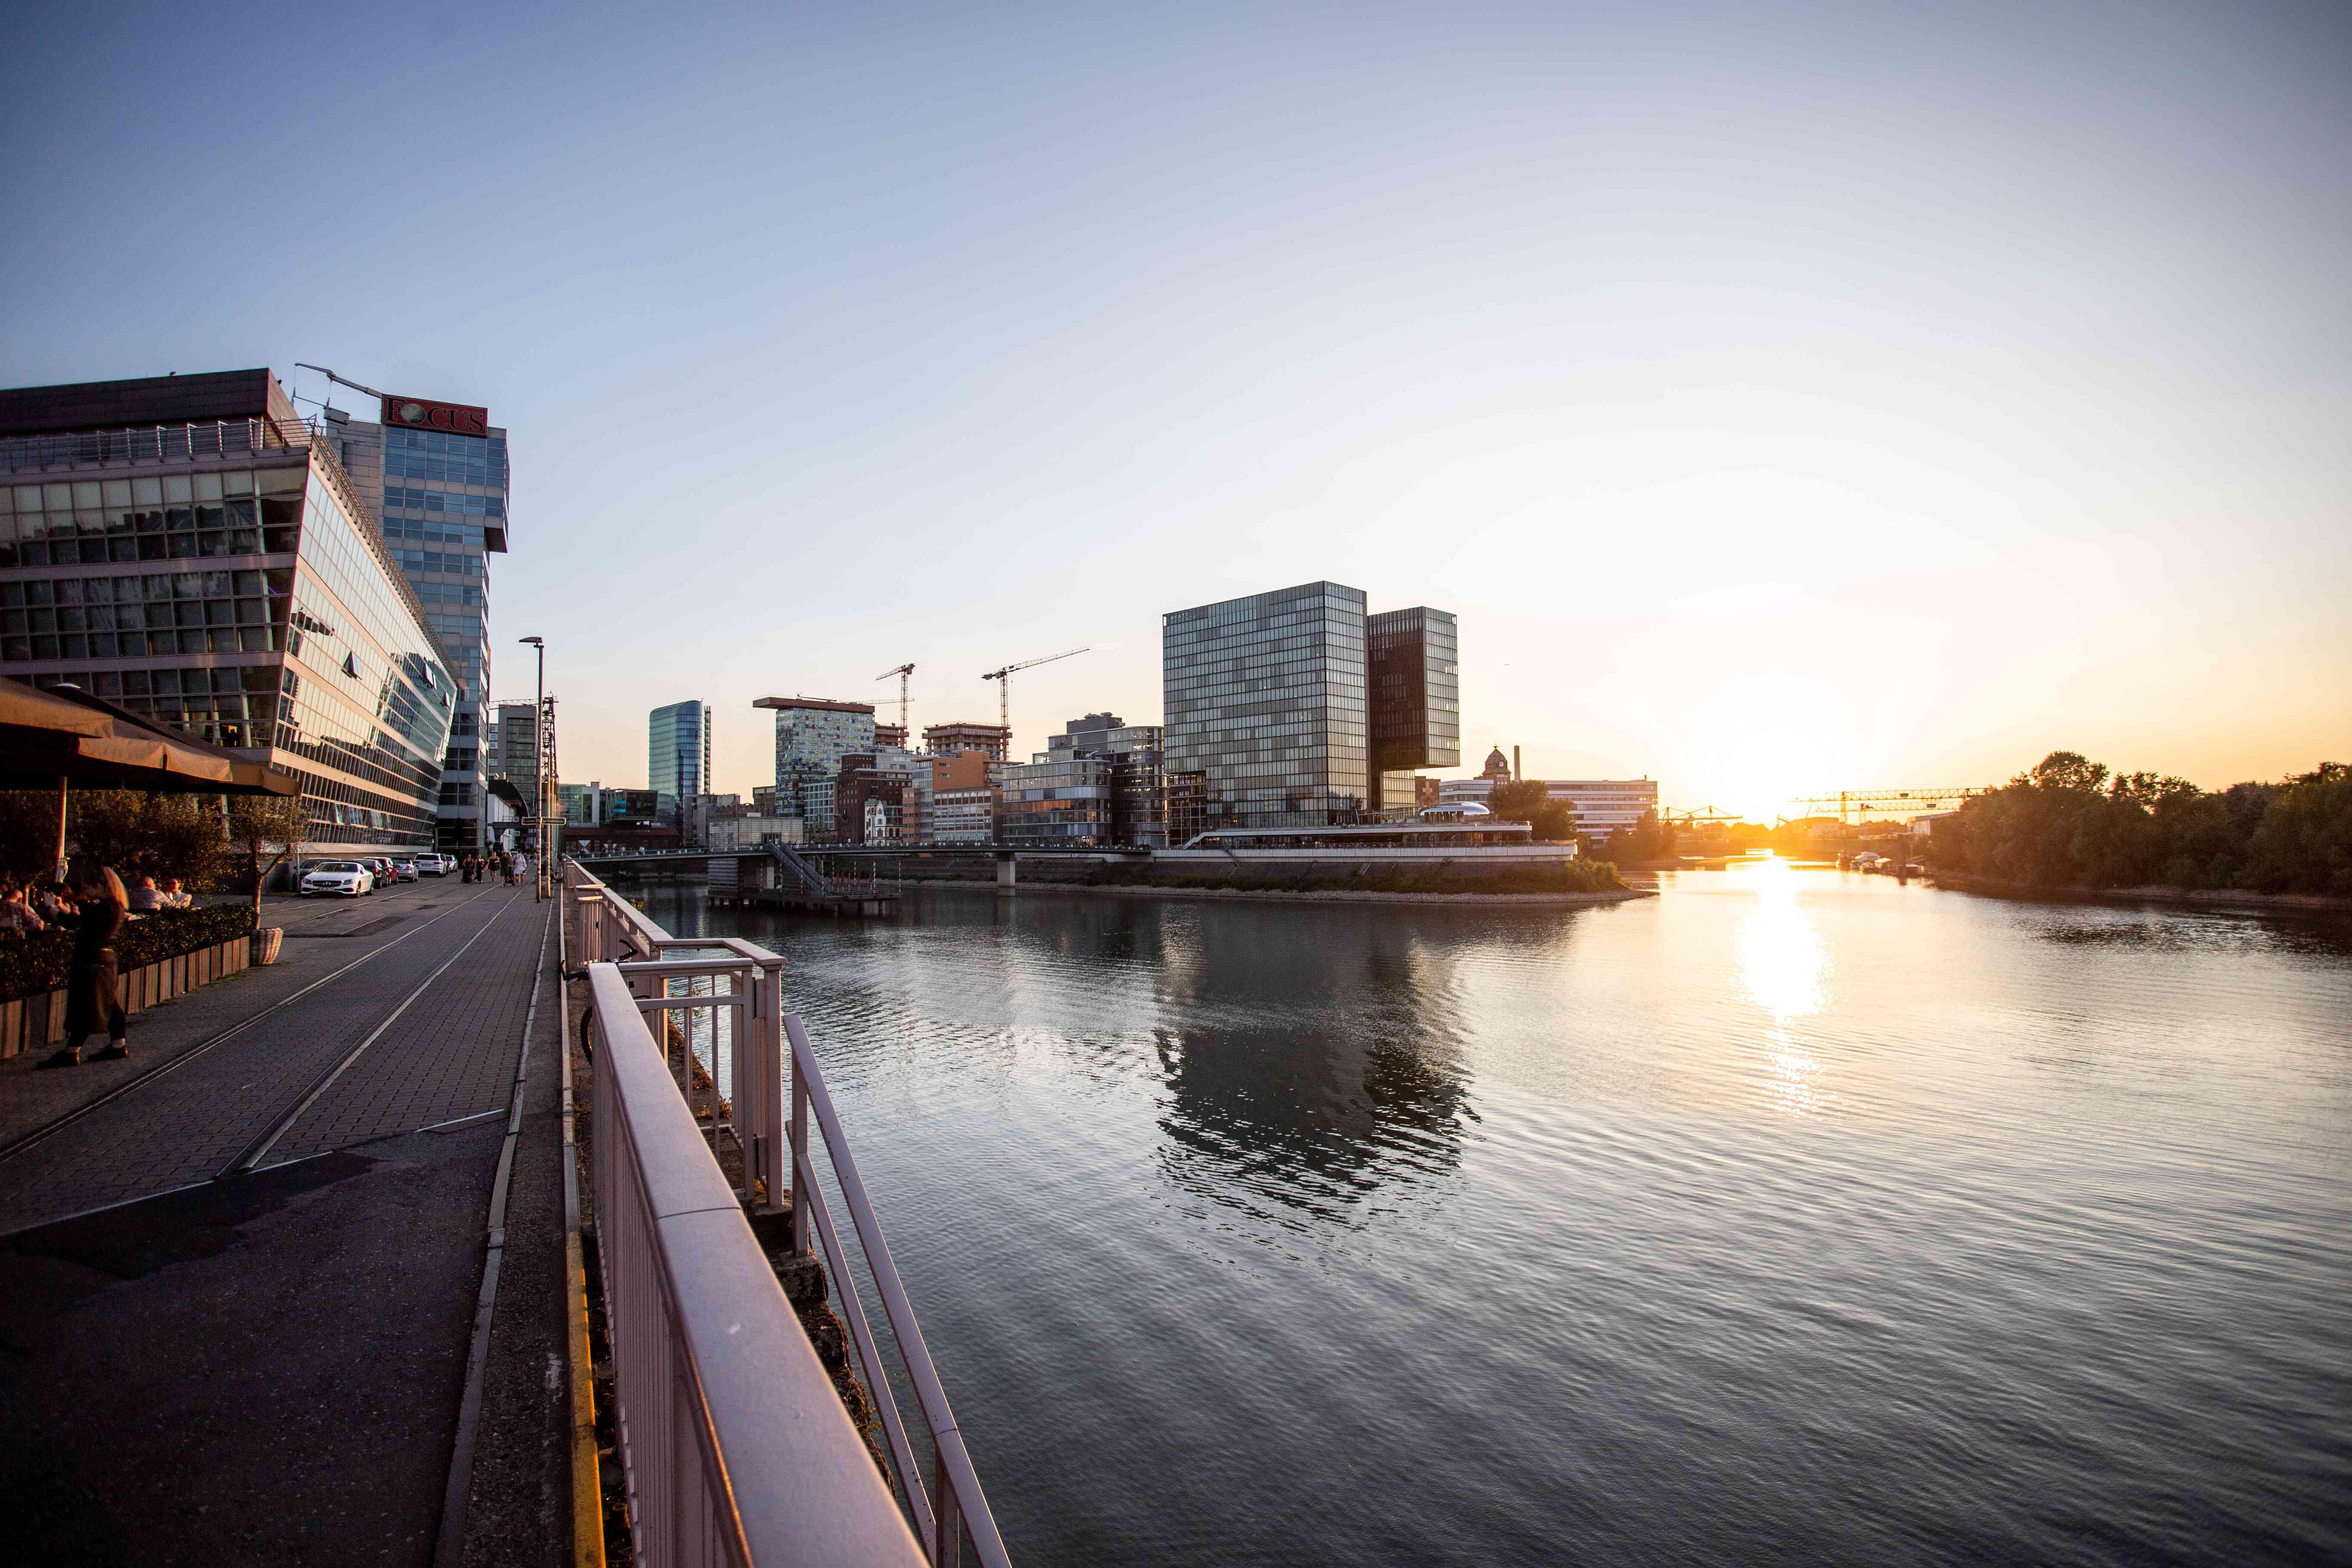 Medien Hafen architecture during sunset